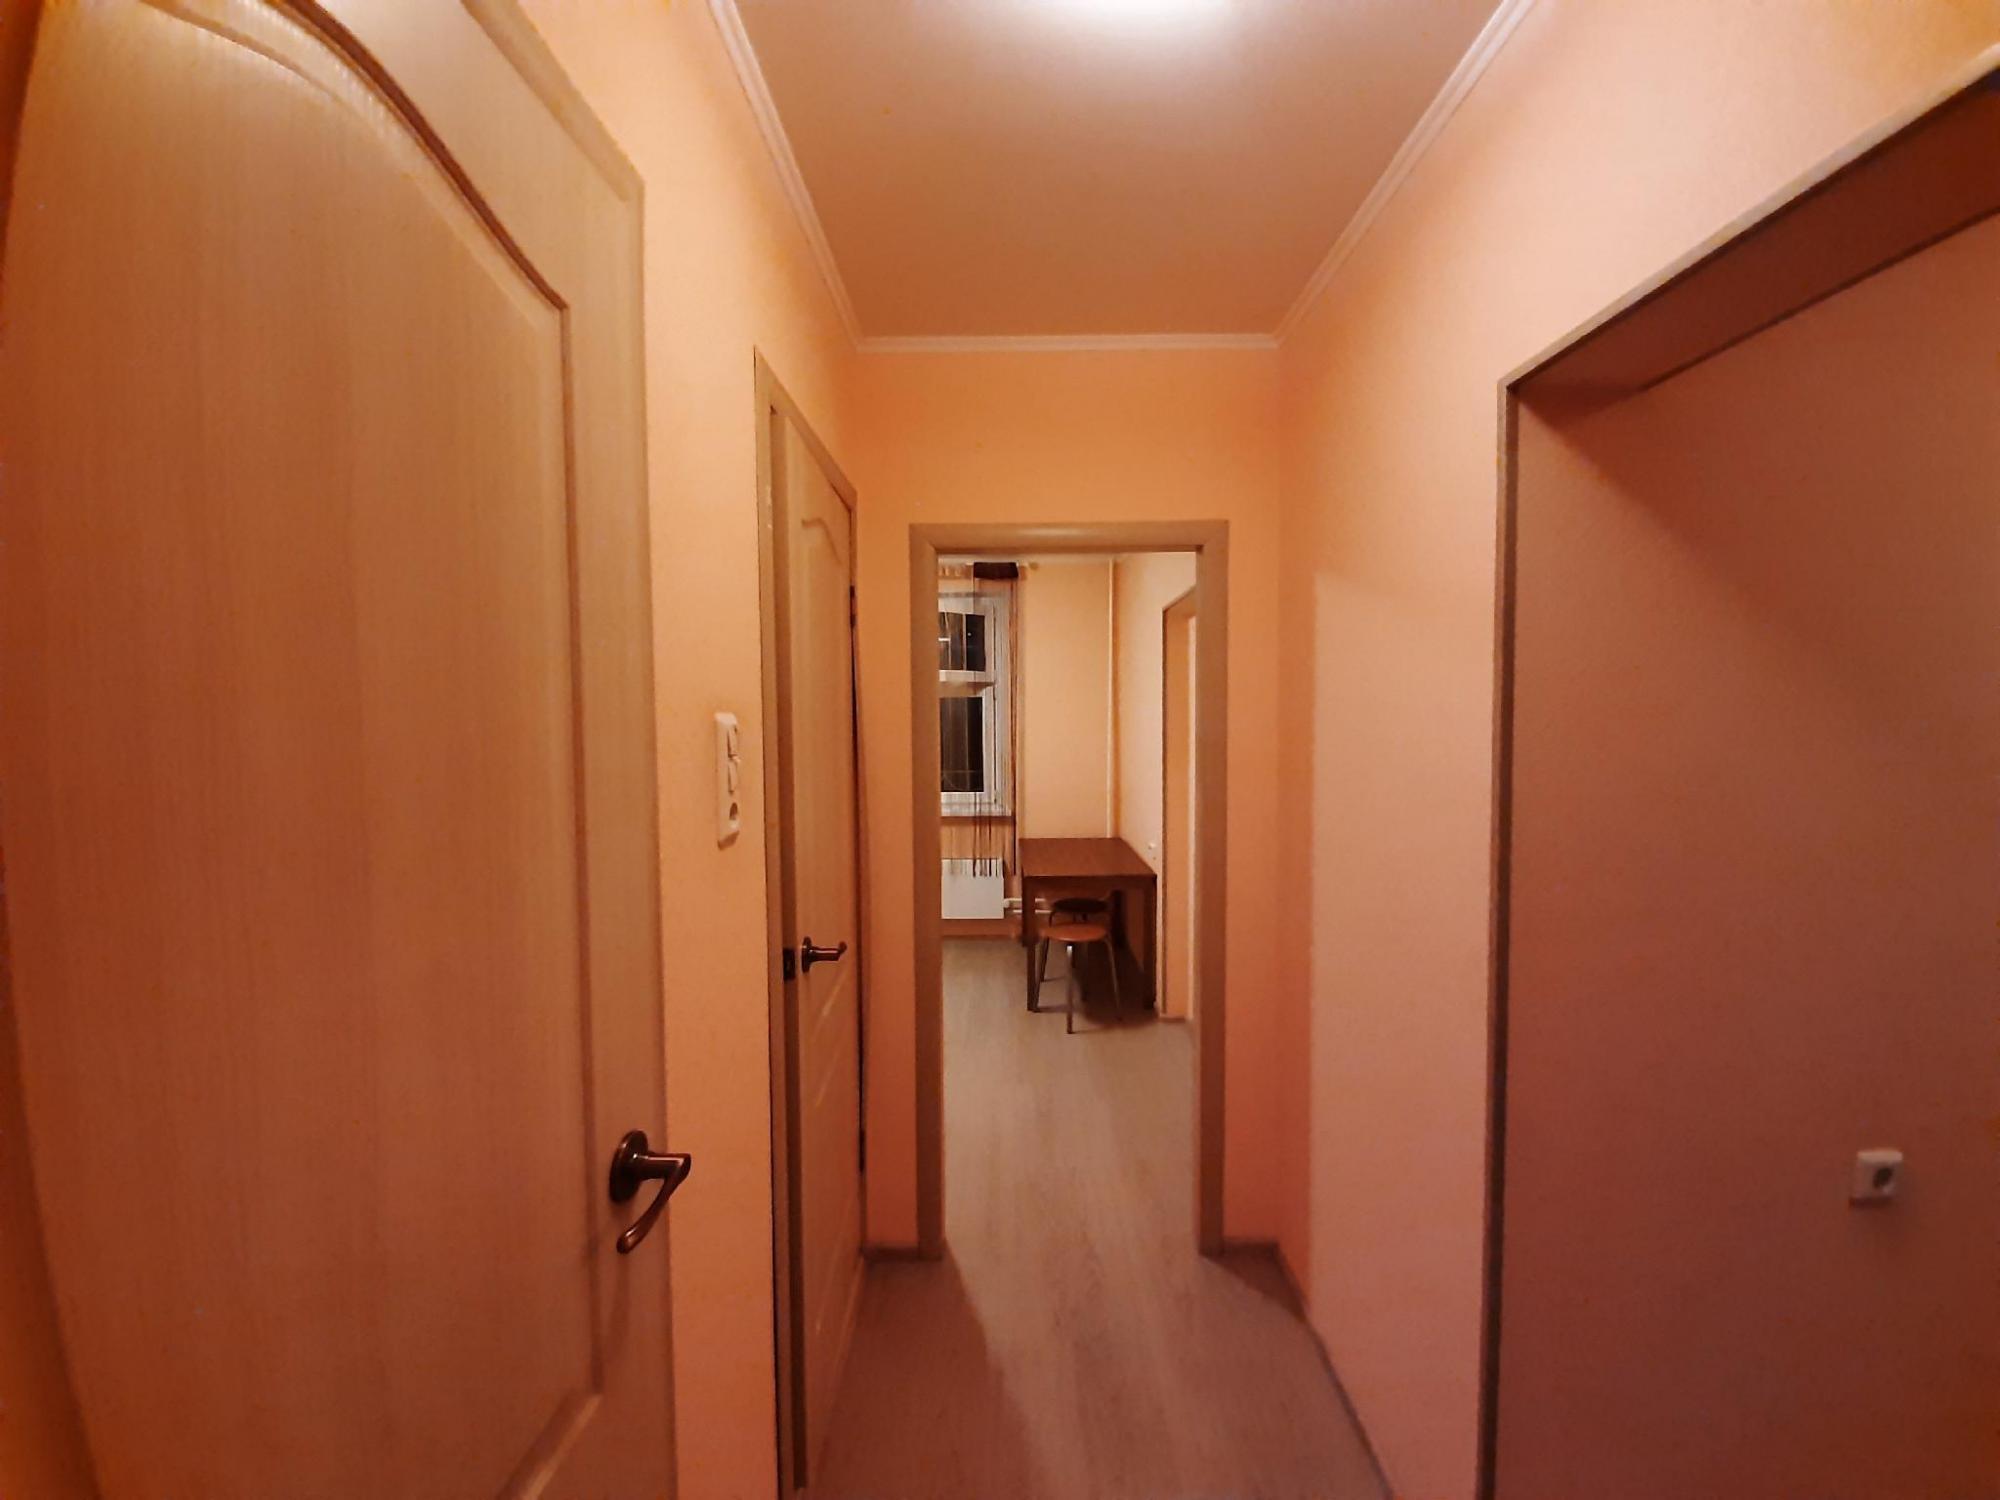 Квартира, 1 комната, 43 м² в Балашихе 74955055051 купить 5